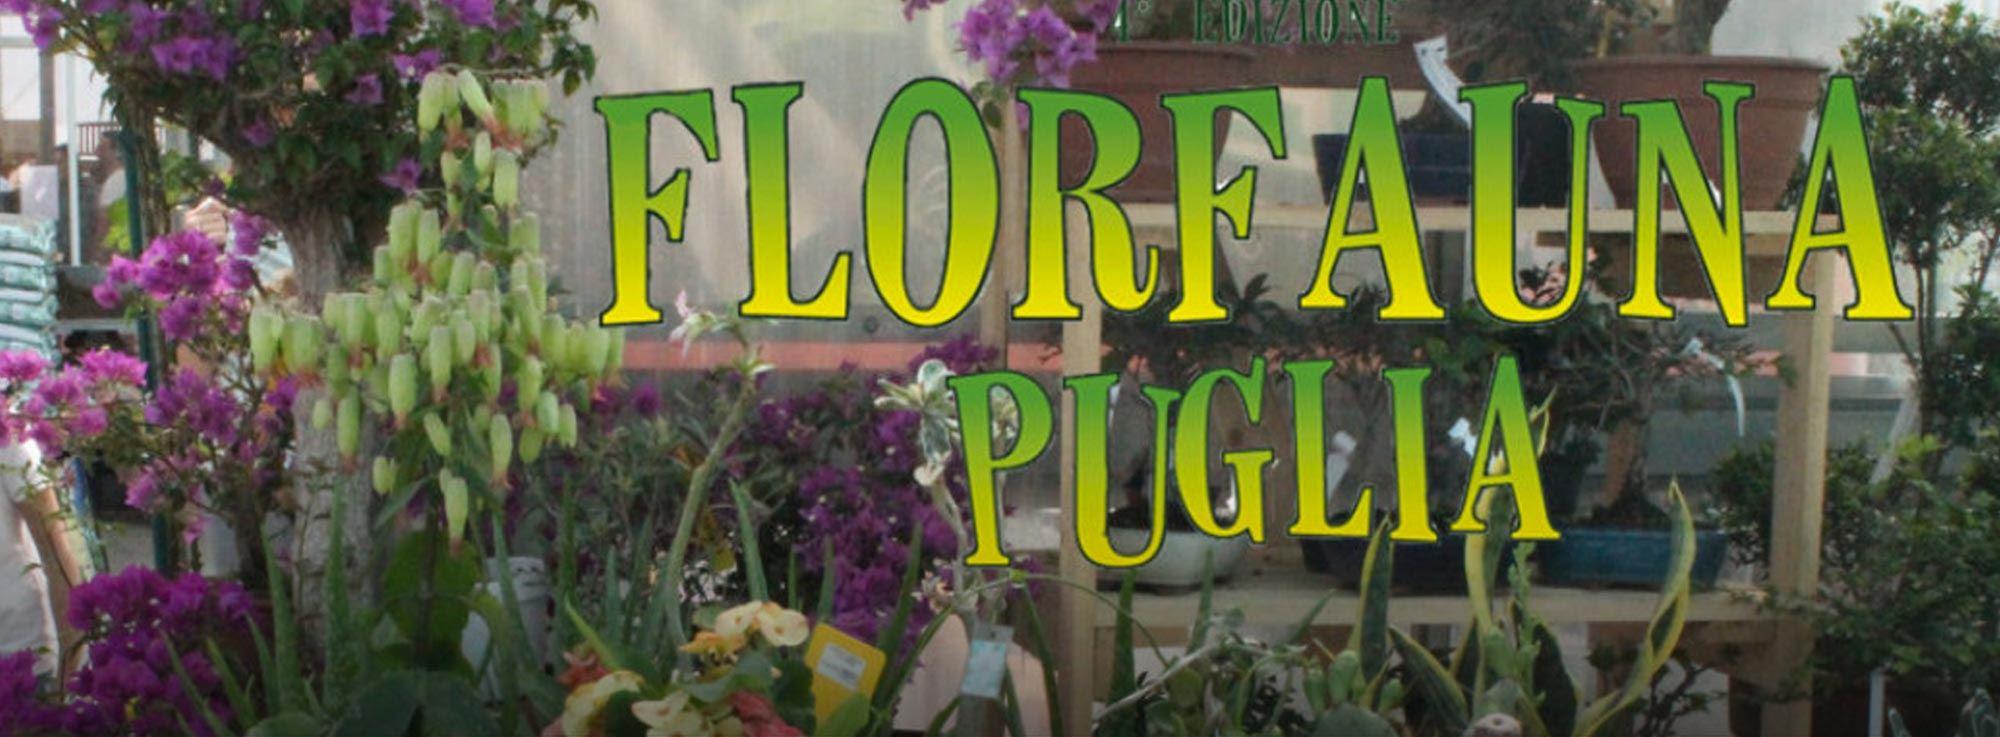 Taranto: Florfauna Puglia